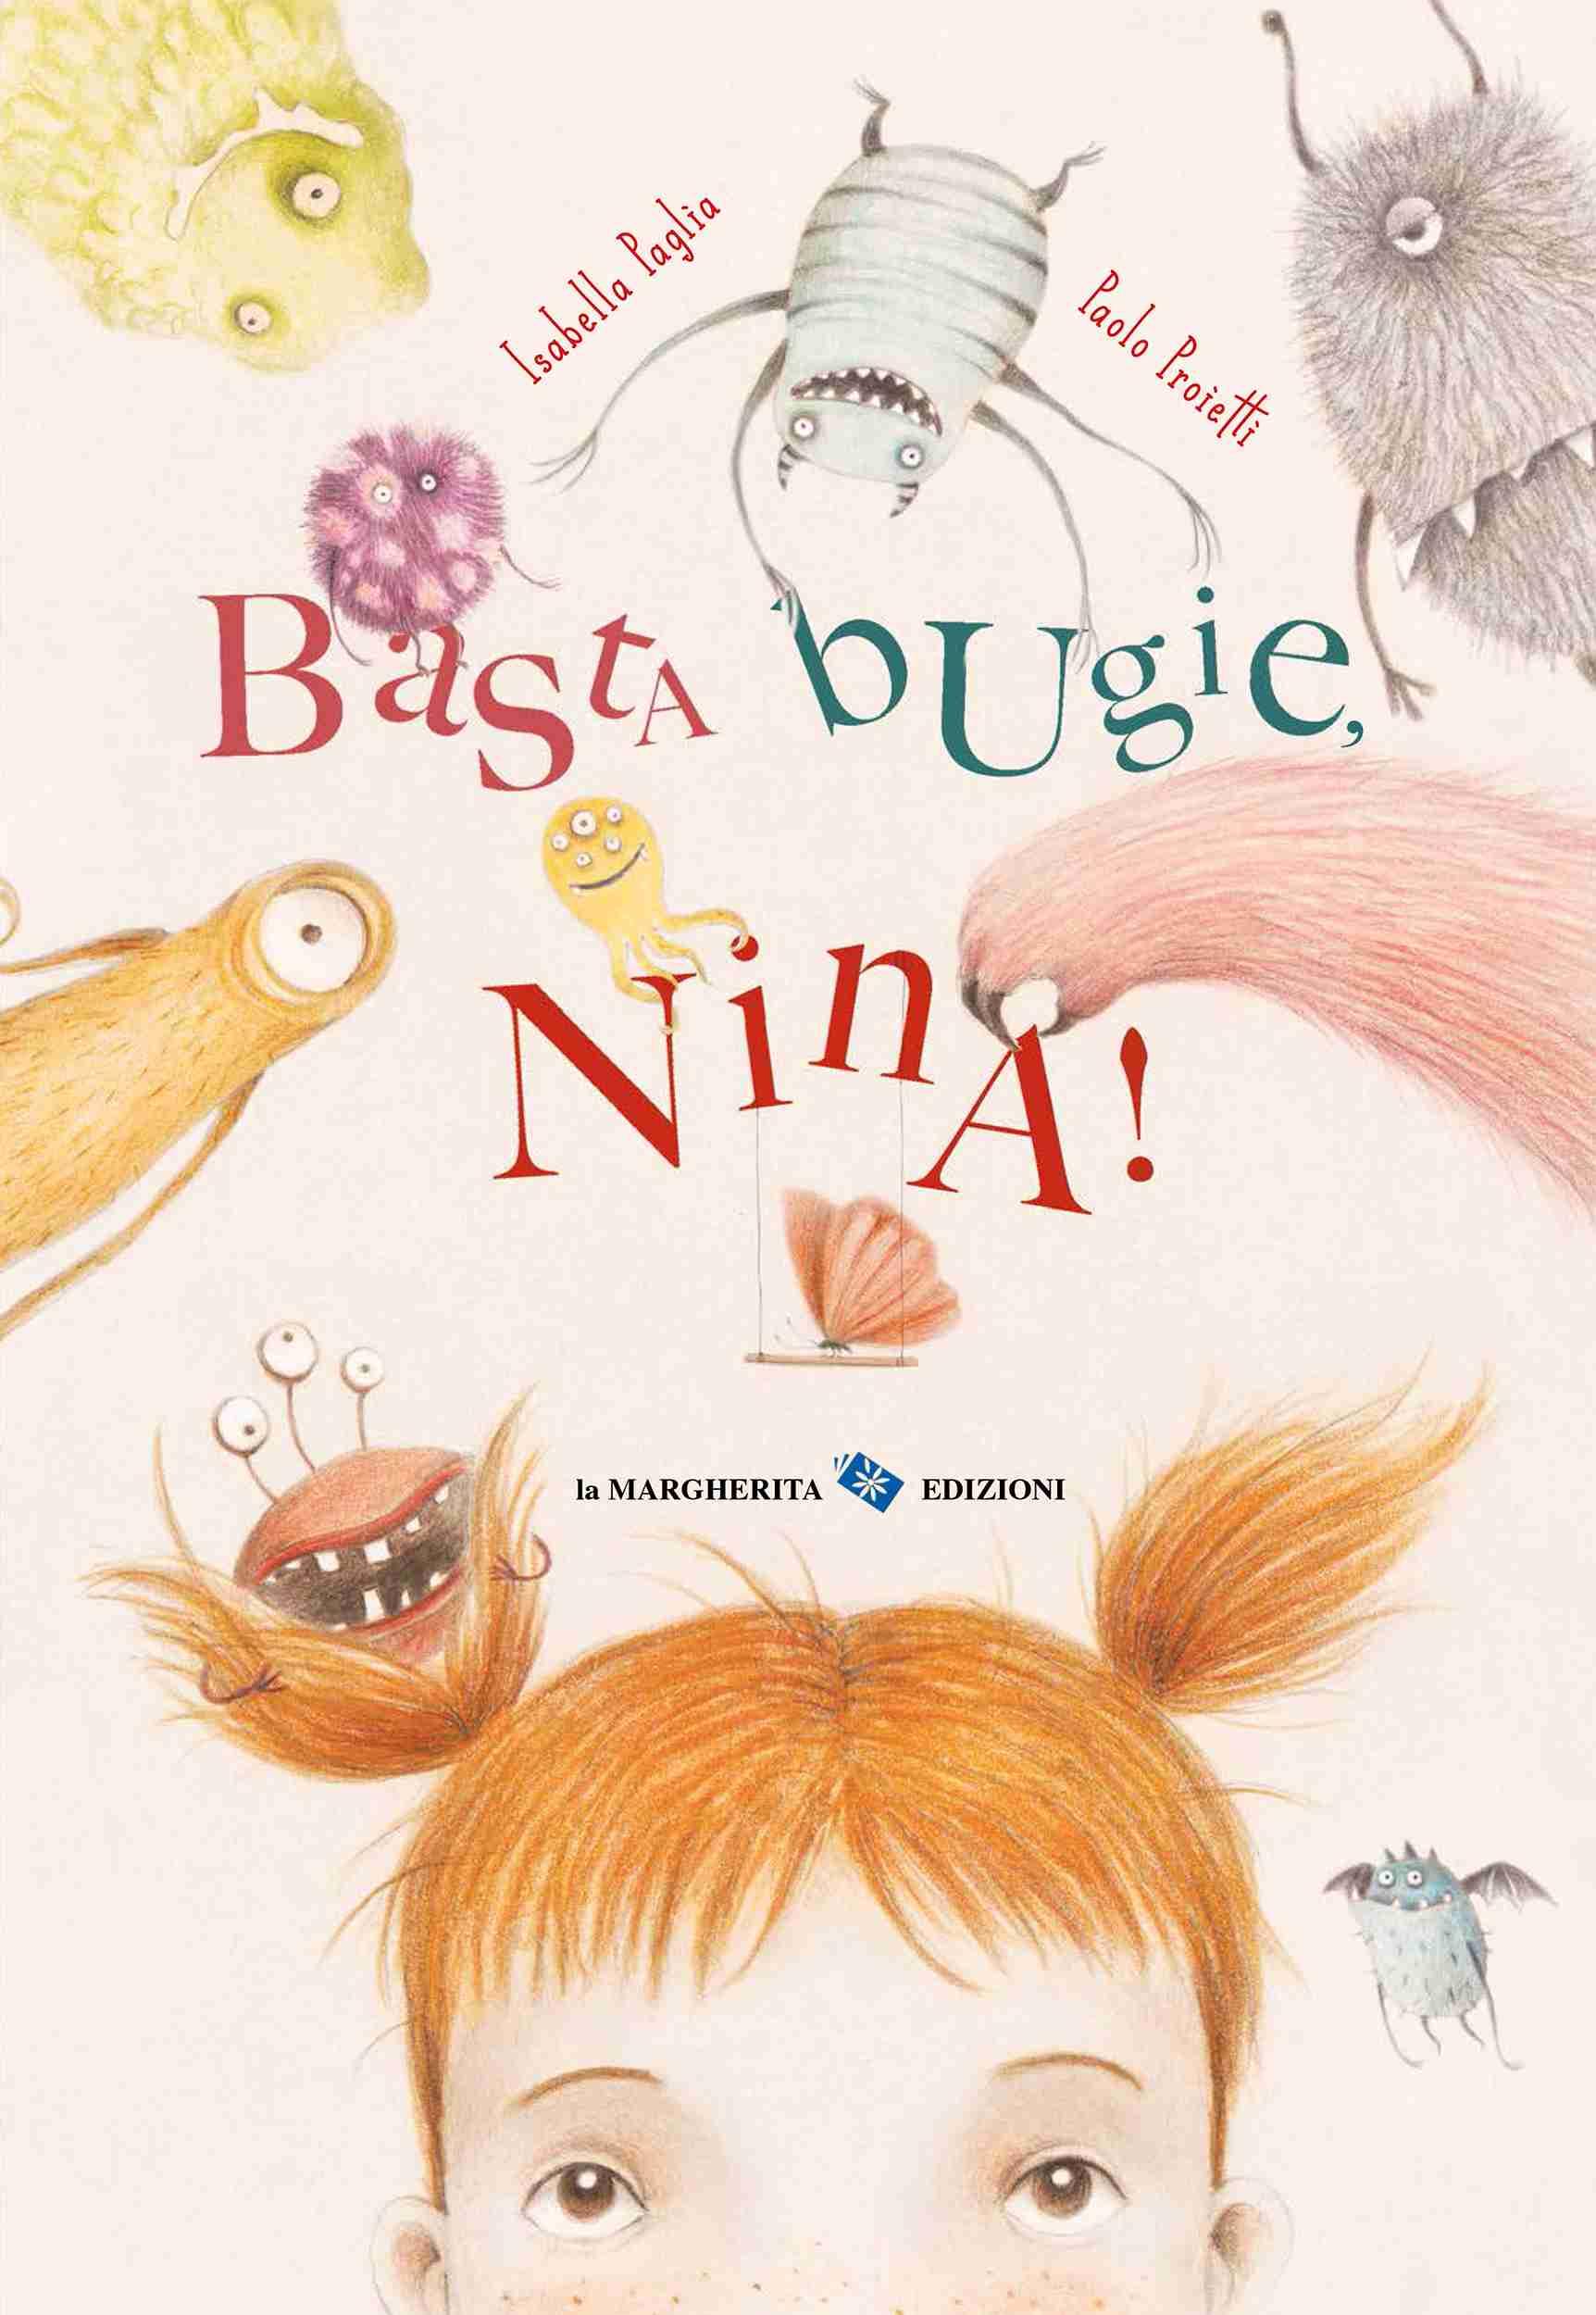 BASTA BUGIE, NINA! di Isabella Paglia e Paolo Proietti, LA MARGHERITA EDIZIONI